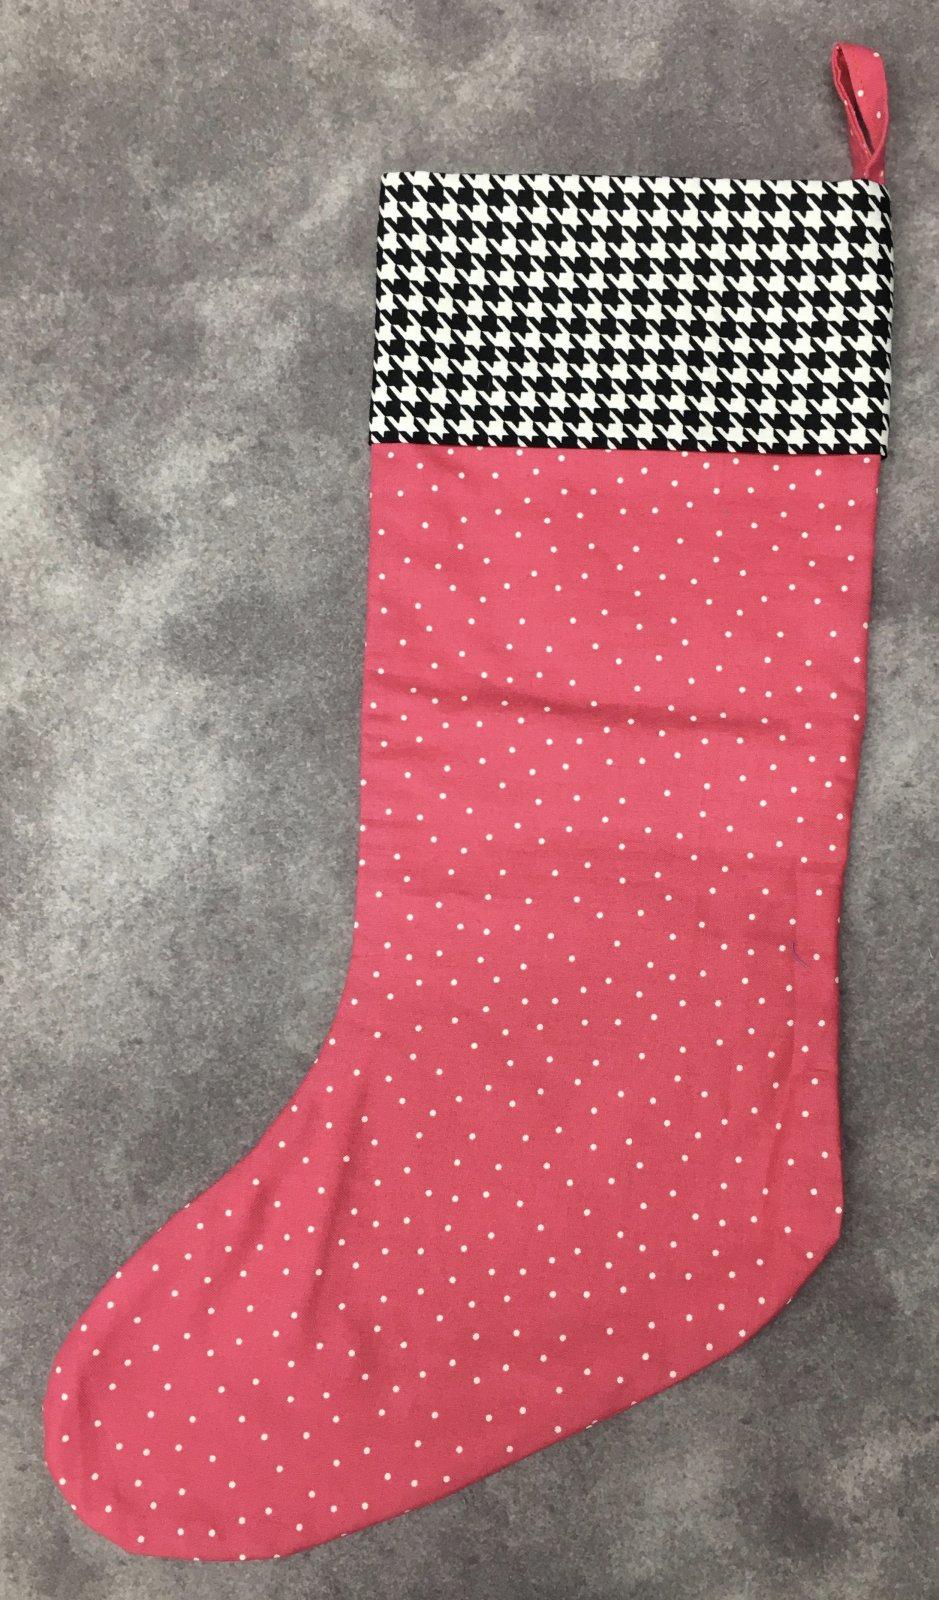 MODEL- Christmas Stocking Pink Polka Dot